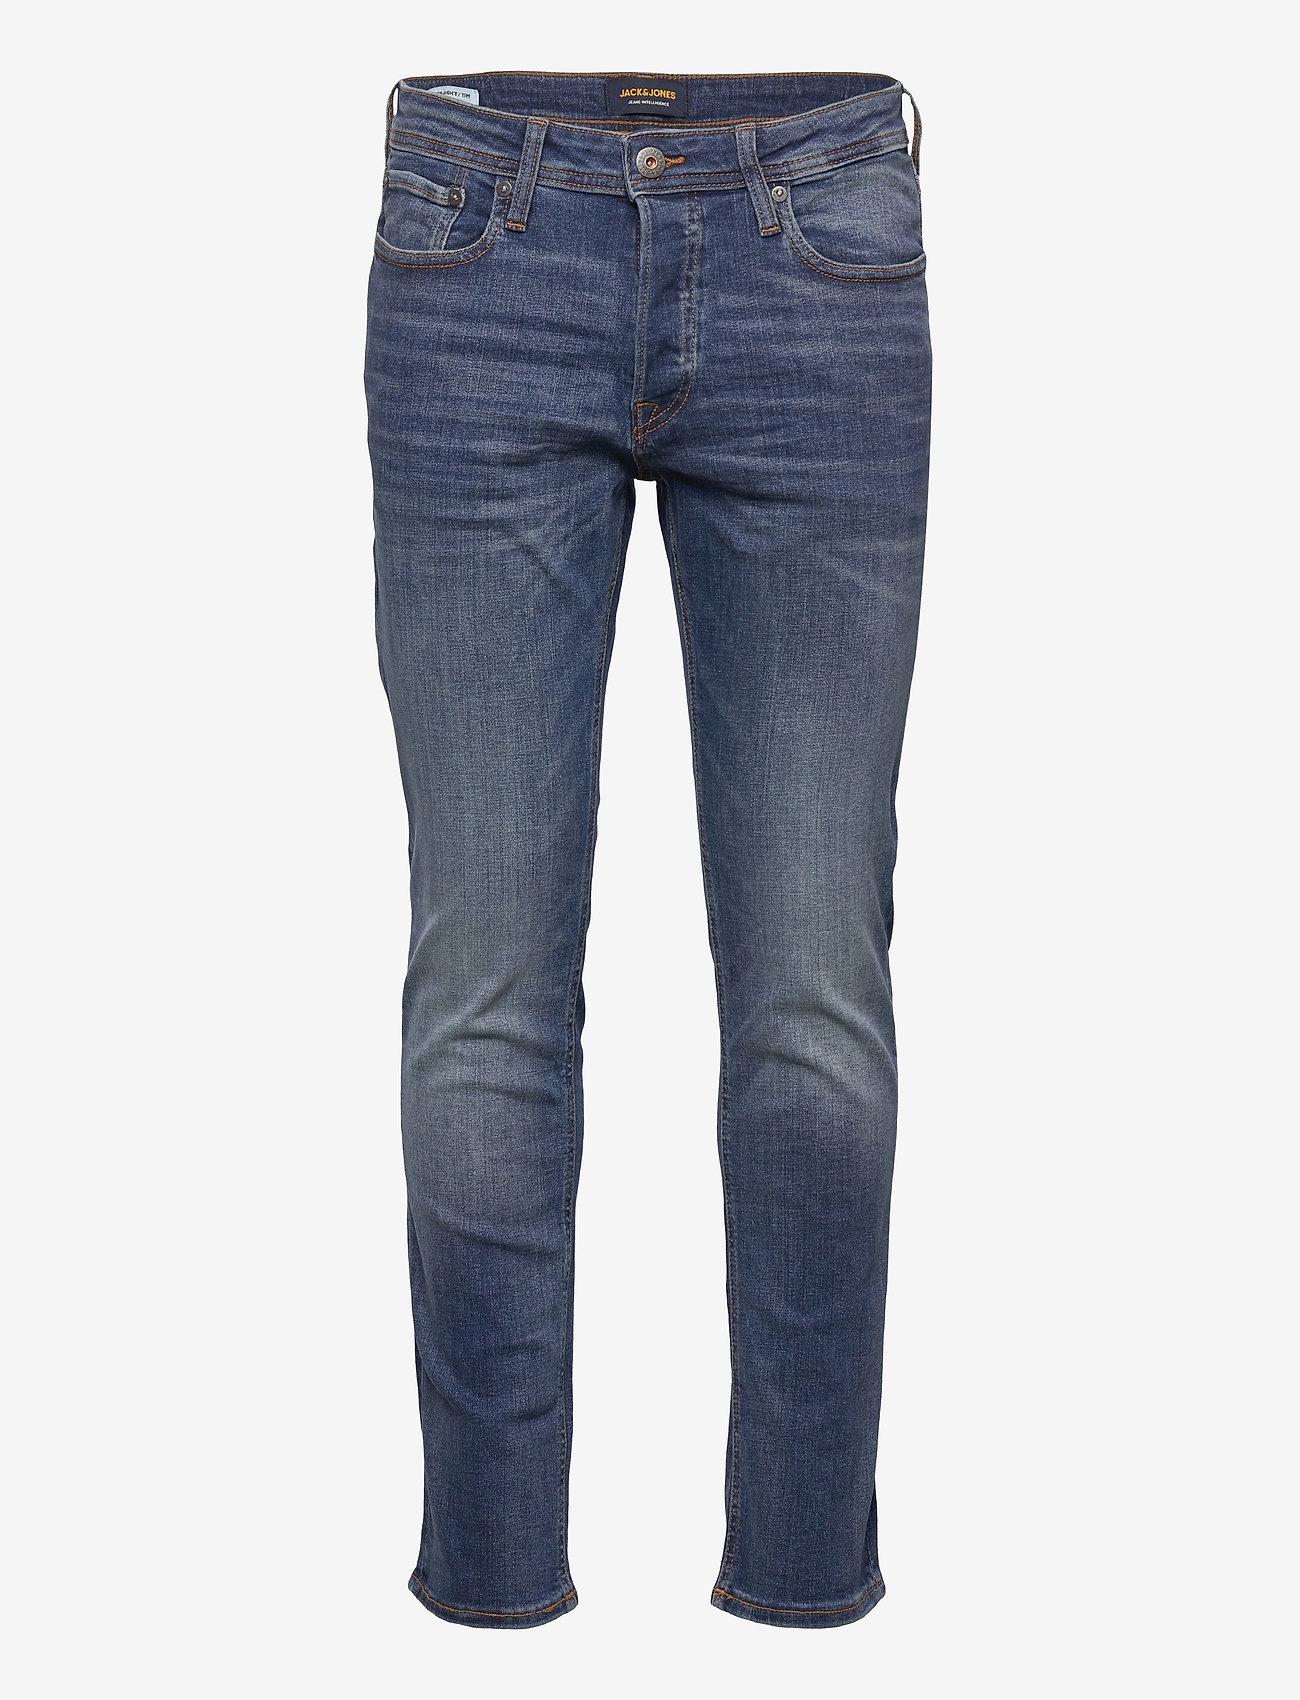 Jack & Jones - JJITIM JJORIGINAL AM 782 50SPS NOOS - slim jeans - blue denim - 0